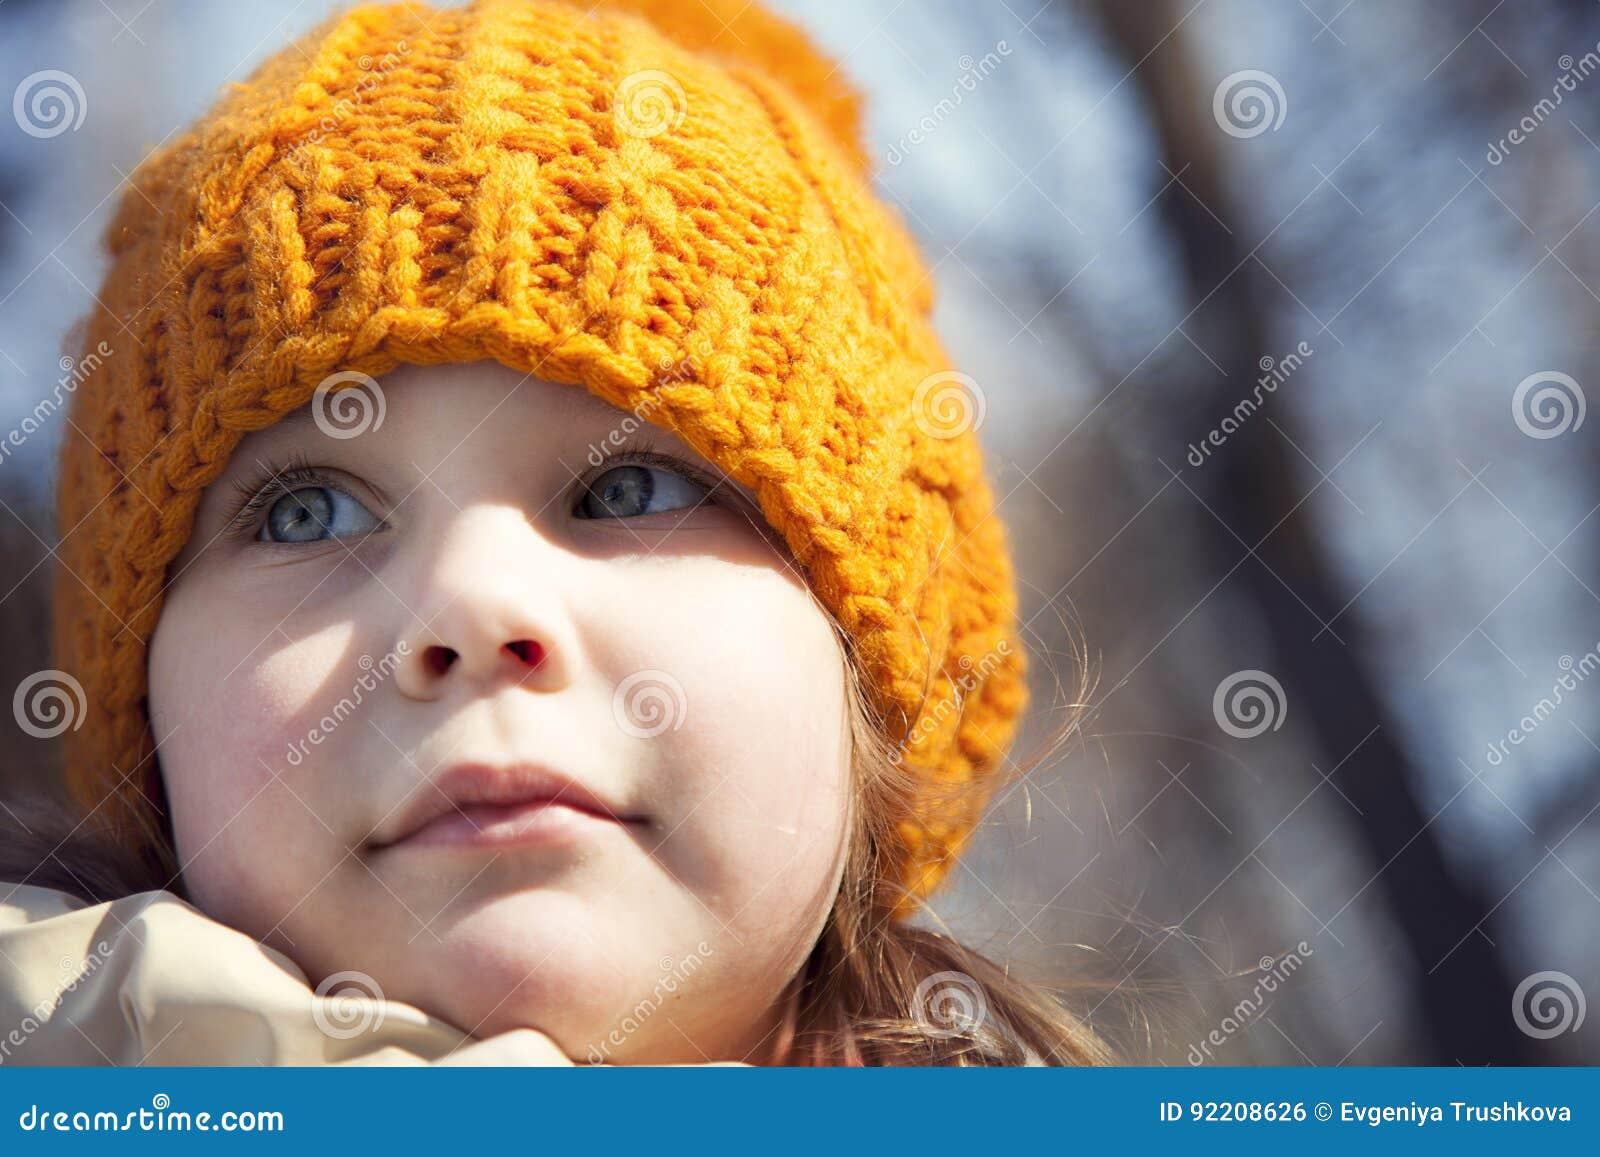 0f7b06f566b Portrait Of A Child Close-up In A Hat Stock Photo - Image of female ...